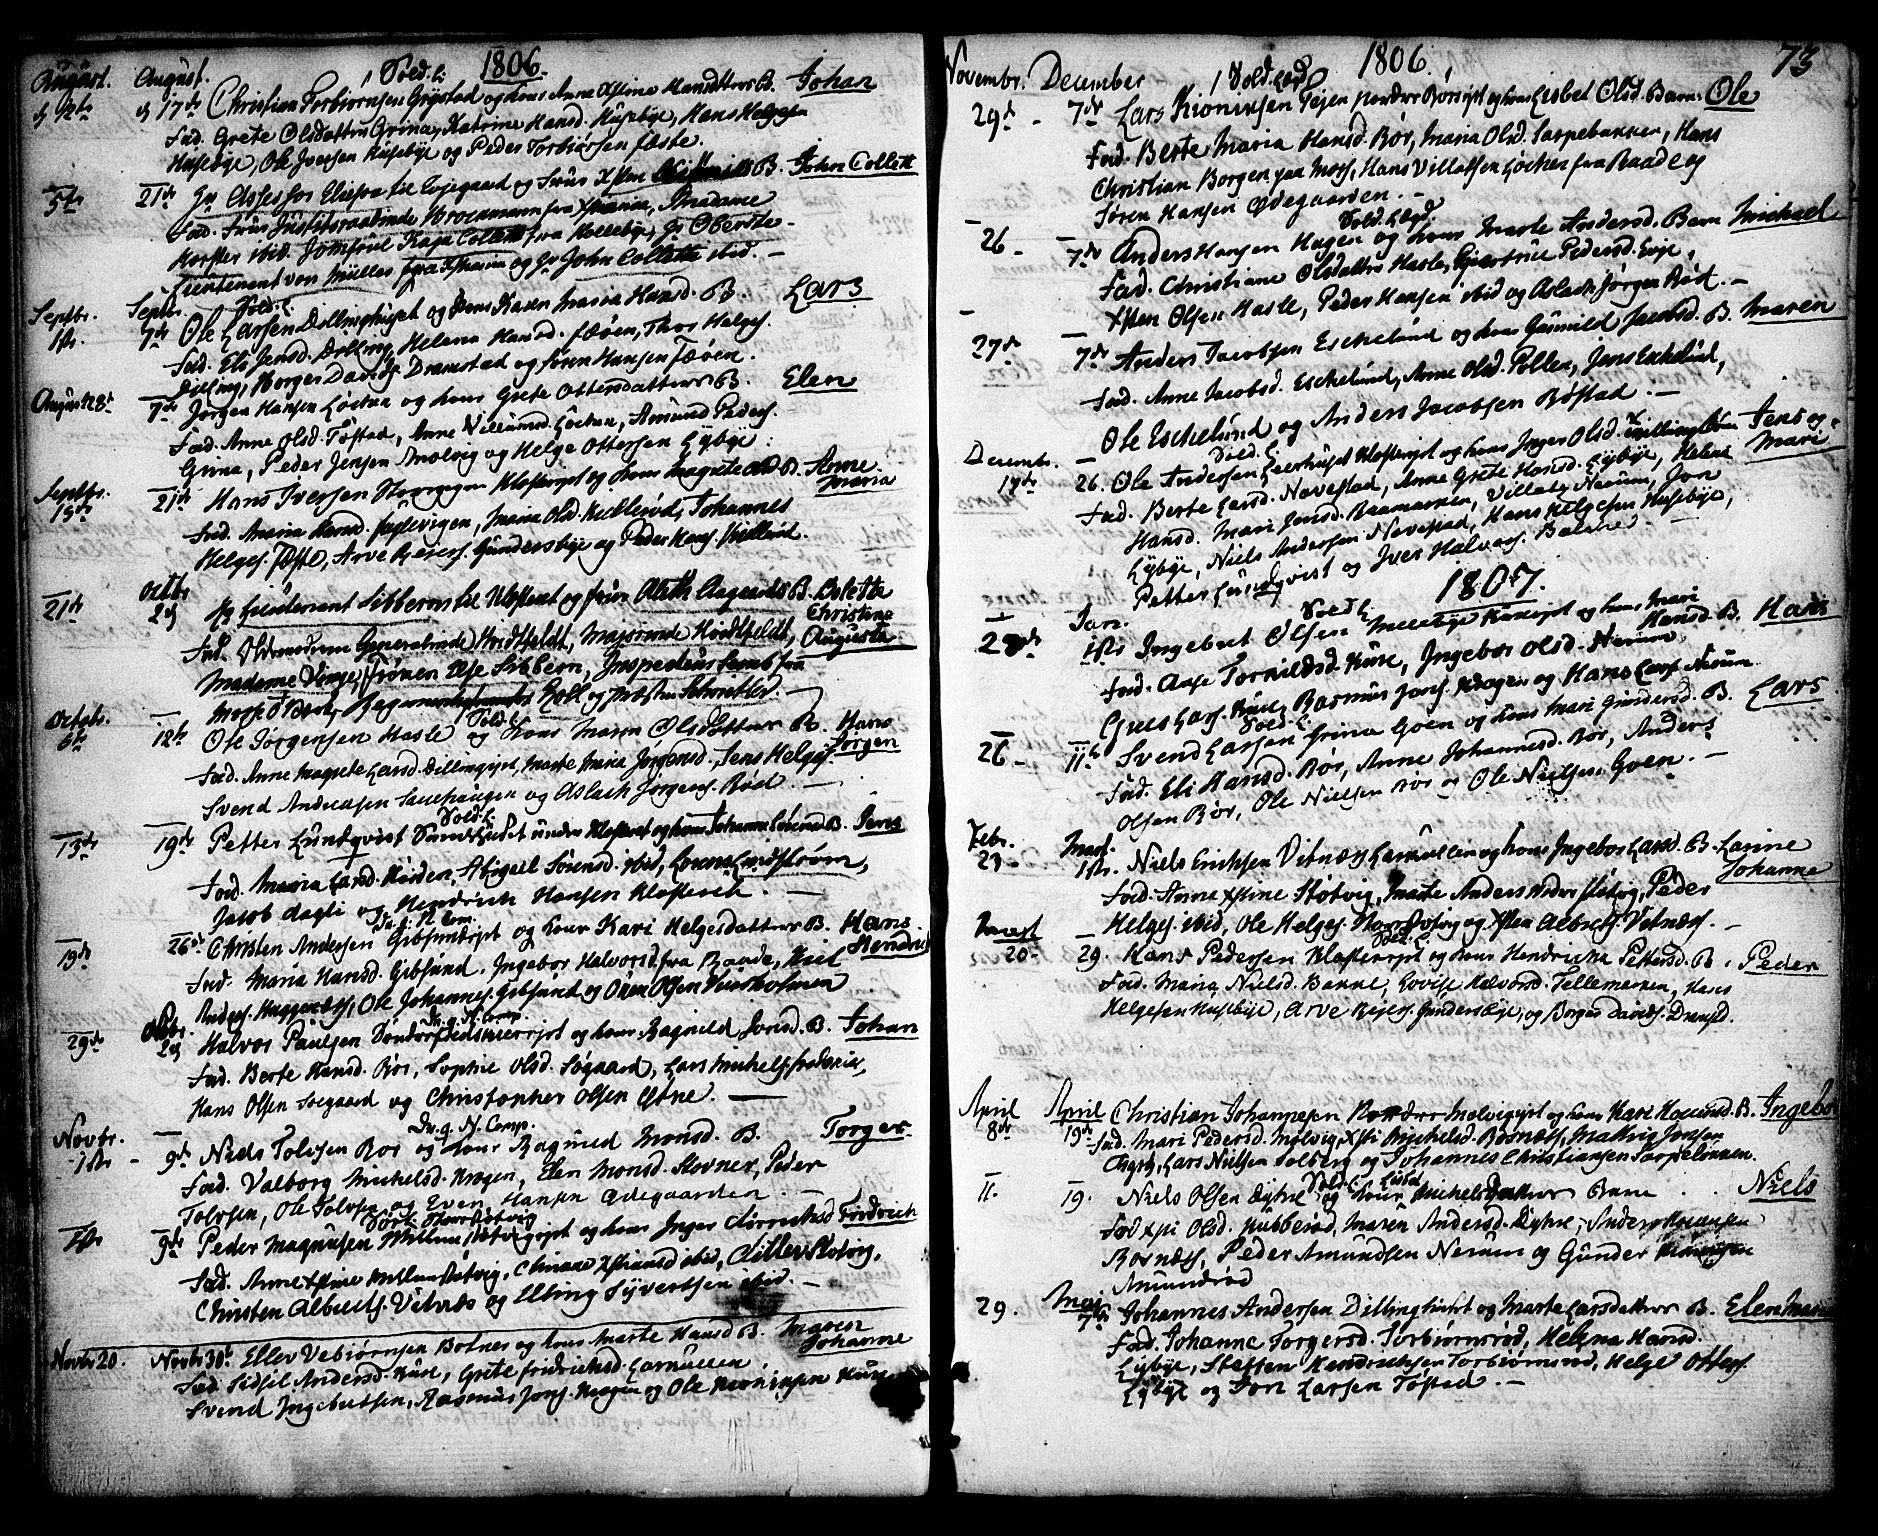 SAO, Rygge prestekontor Kirkebøker, F/Fa/L0002: Ministerialbok nr. 2, 1771-1814, s. 73